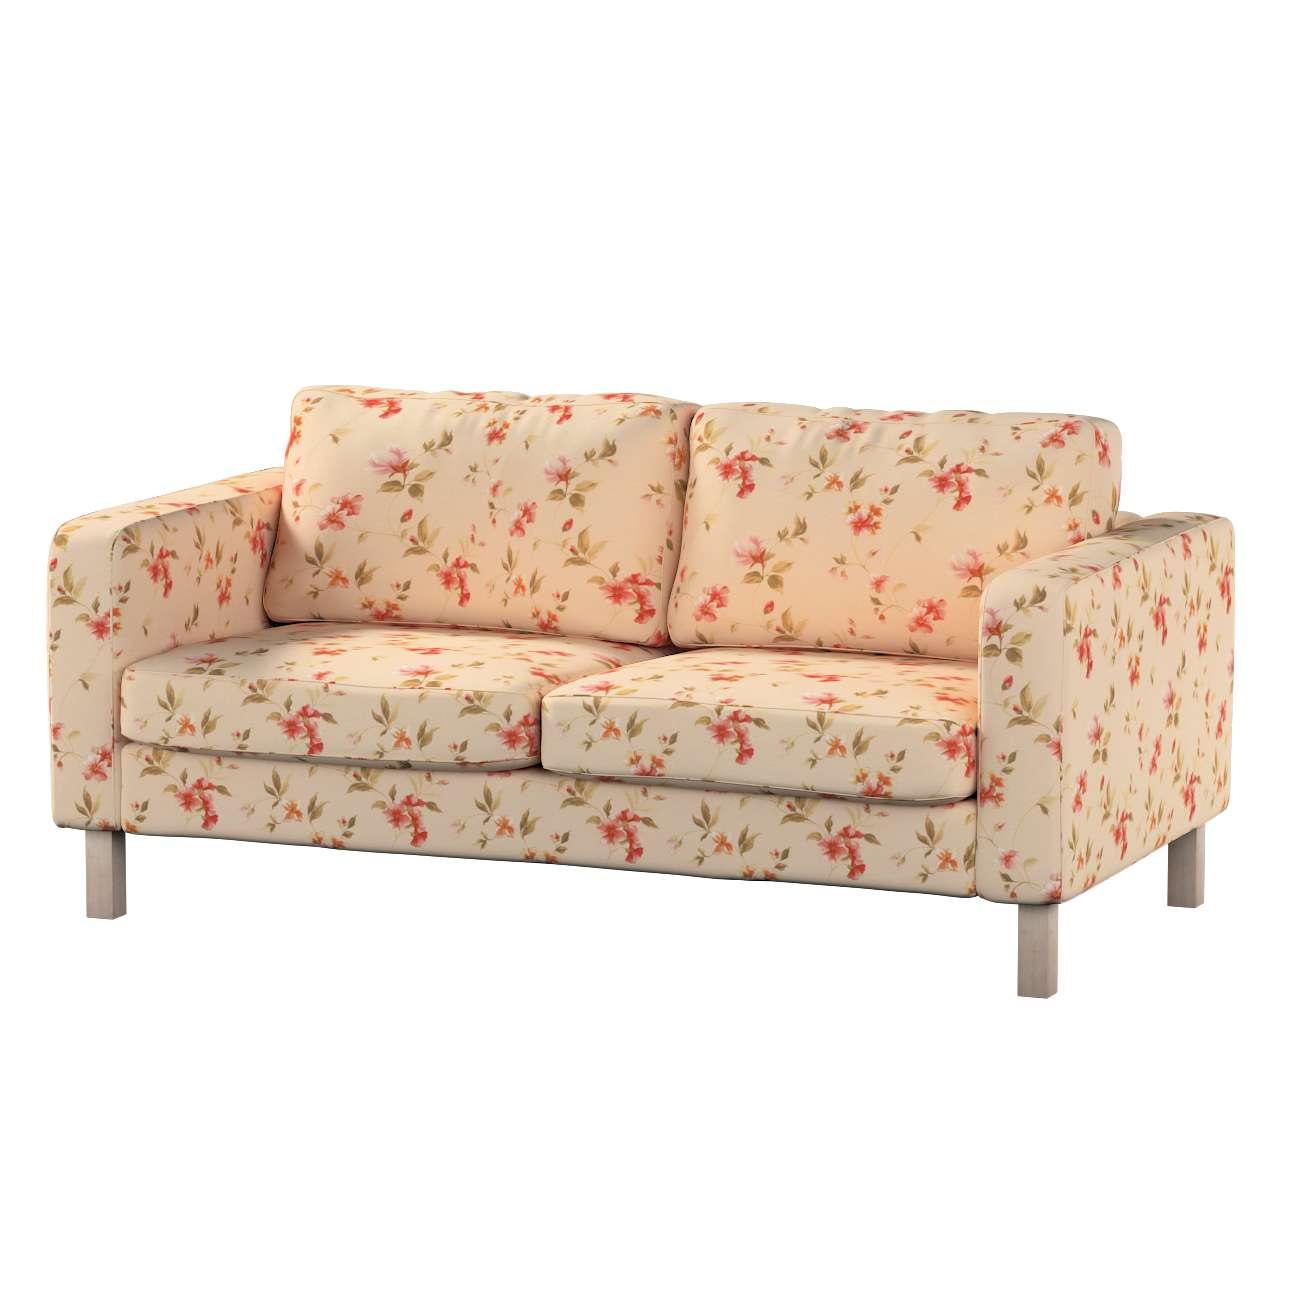 Pokrowiec na sofę Karlstad 2-osobową nierozkładaną krótki w kolekcji Londres, tkanina: 124-05